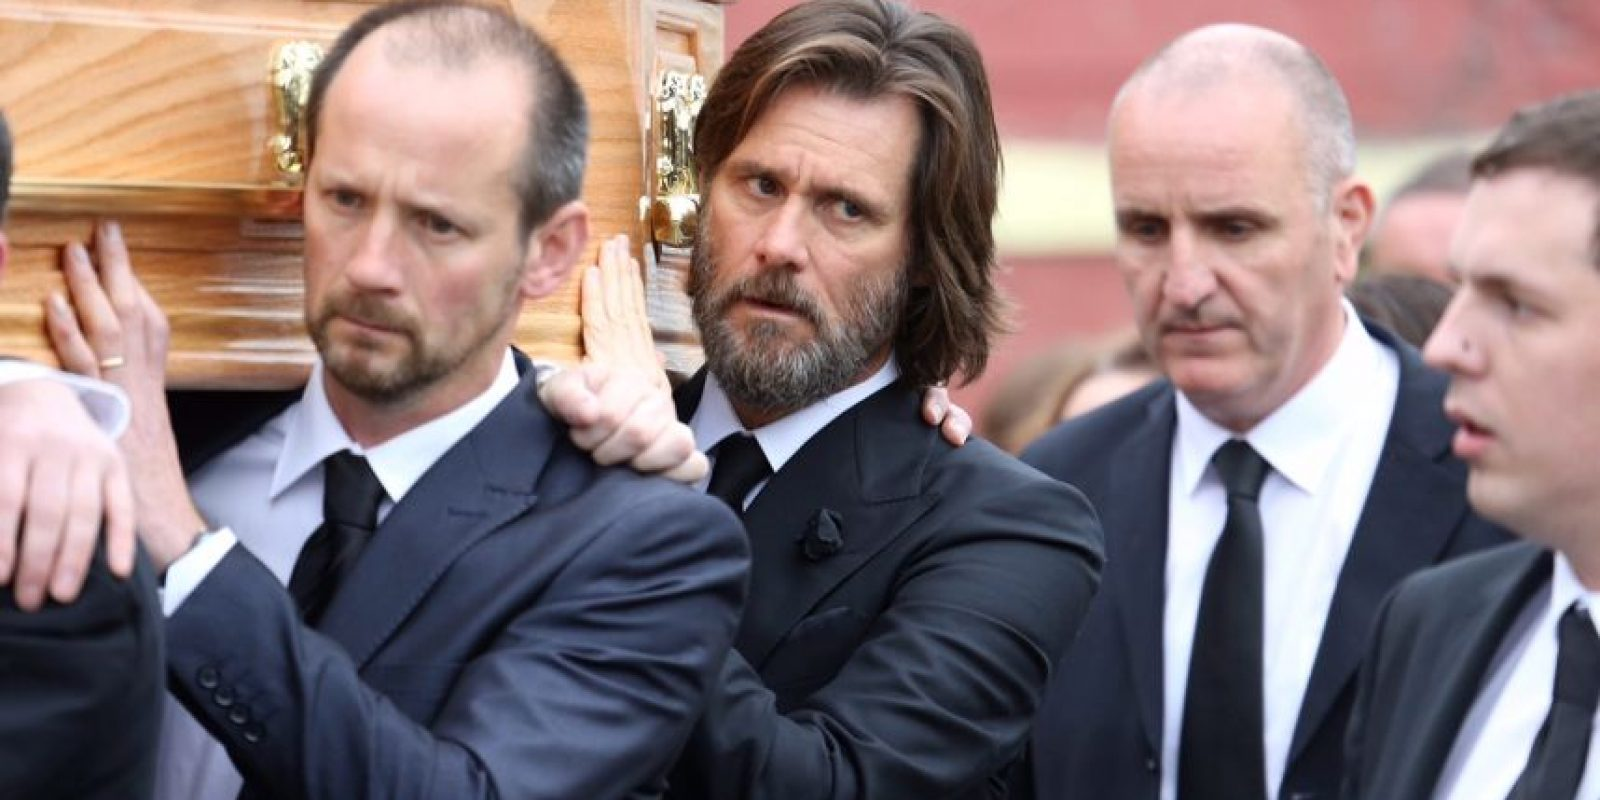 Carrey pagó los gastos funerarios de su expareja y llevó el ataúd en sus hombros. Foto:The Grobsy Group